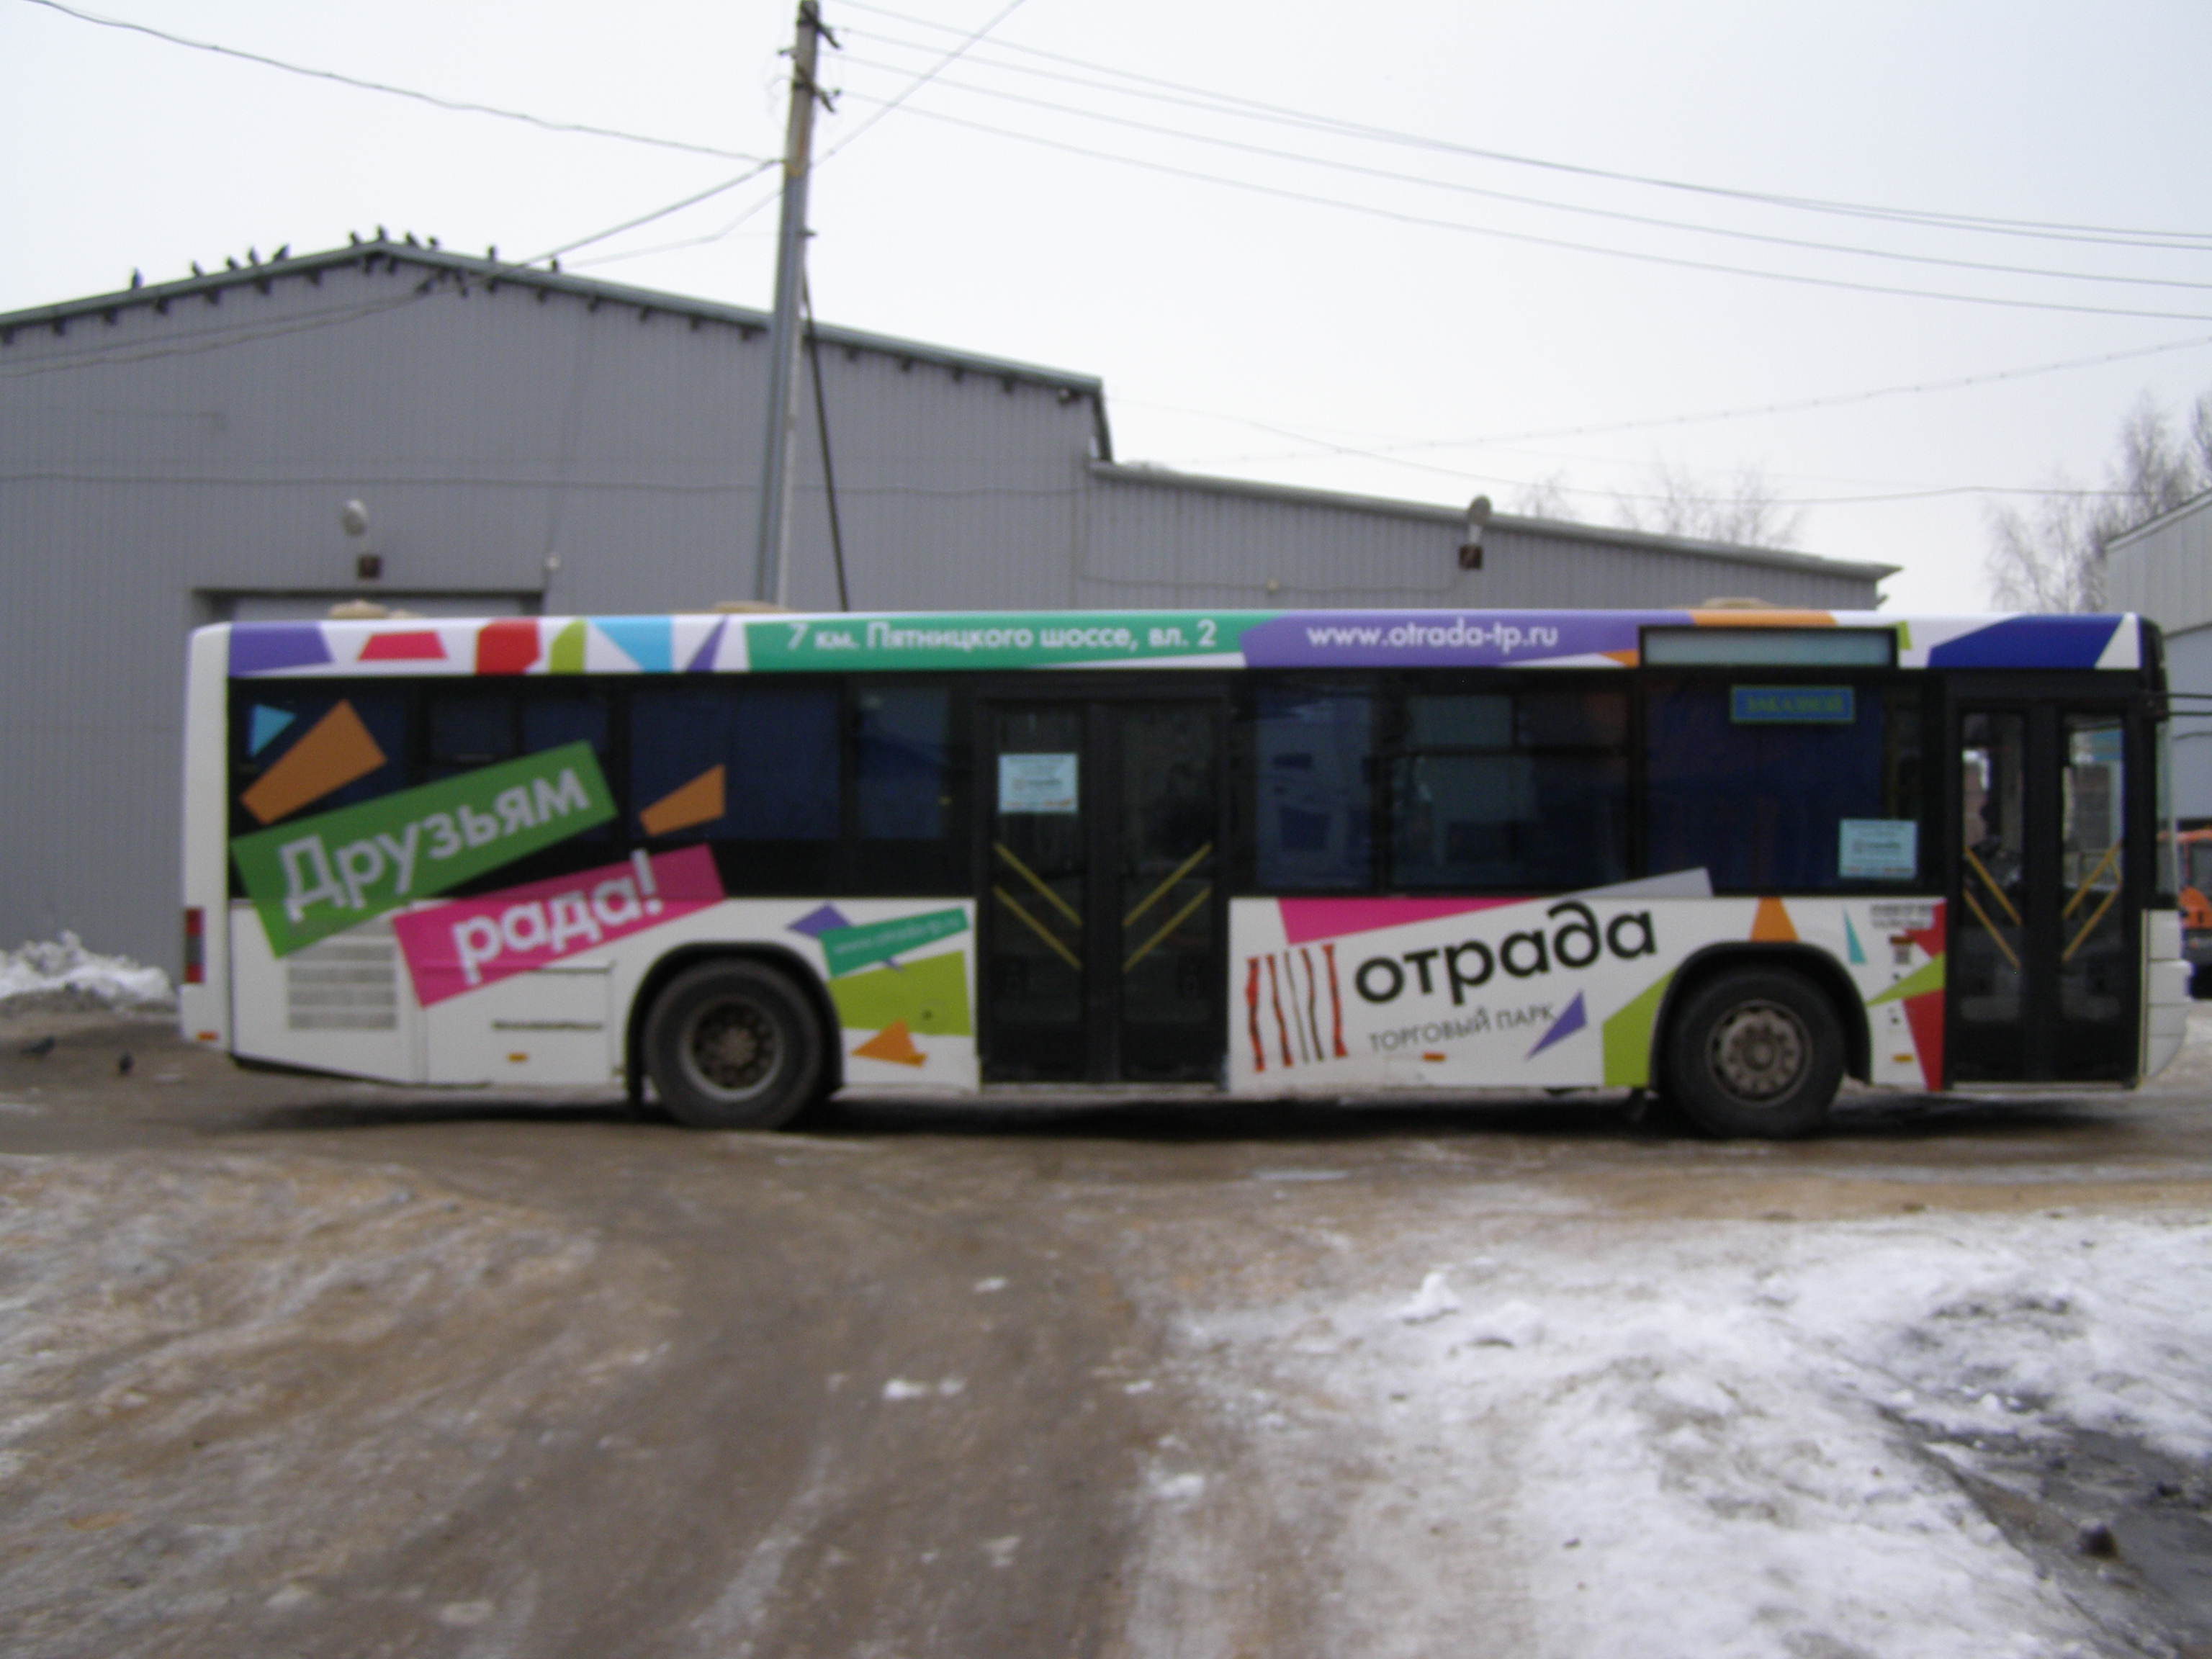 Автобус с рекламой для торгового парка Отрада 381289f4f03